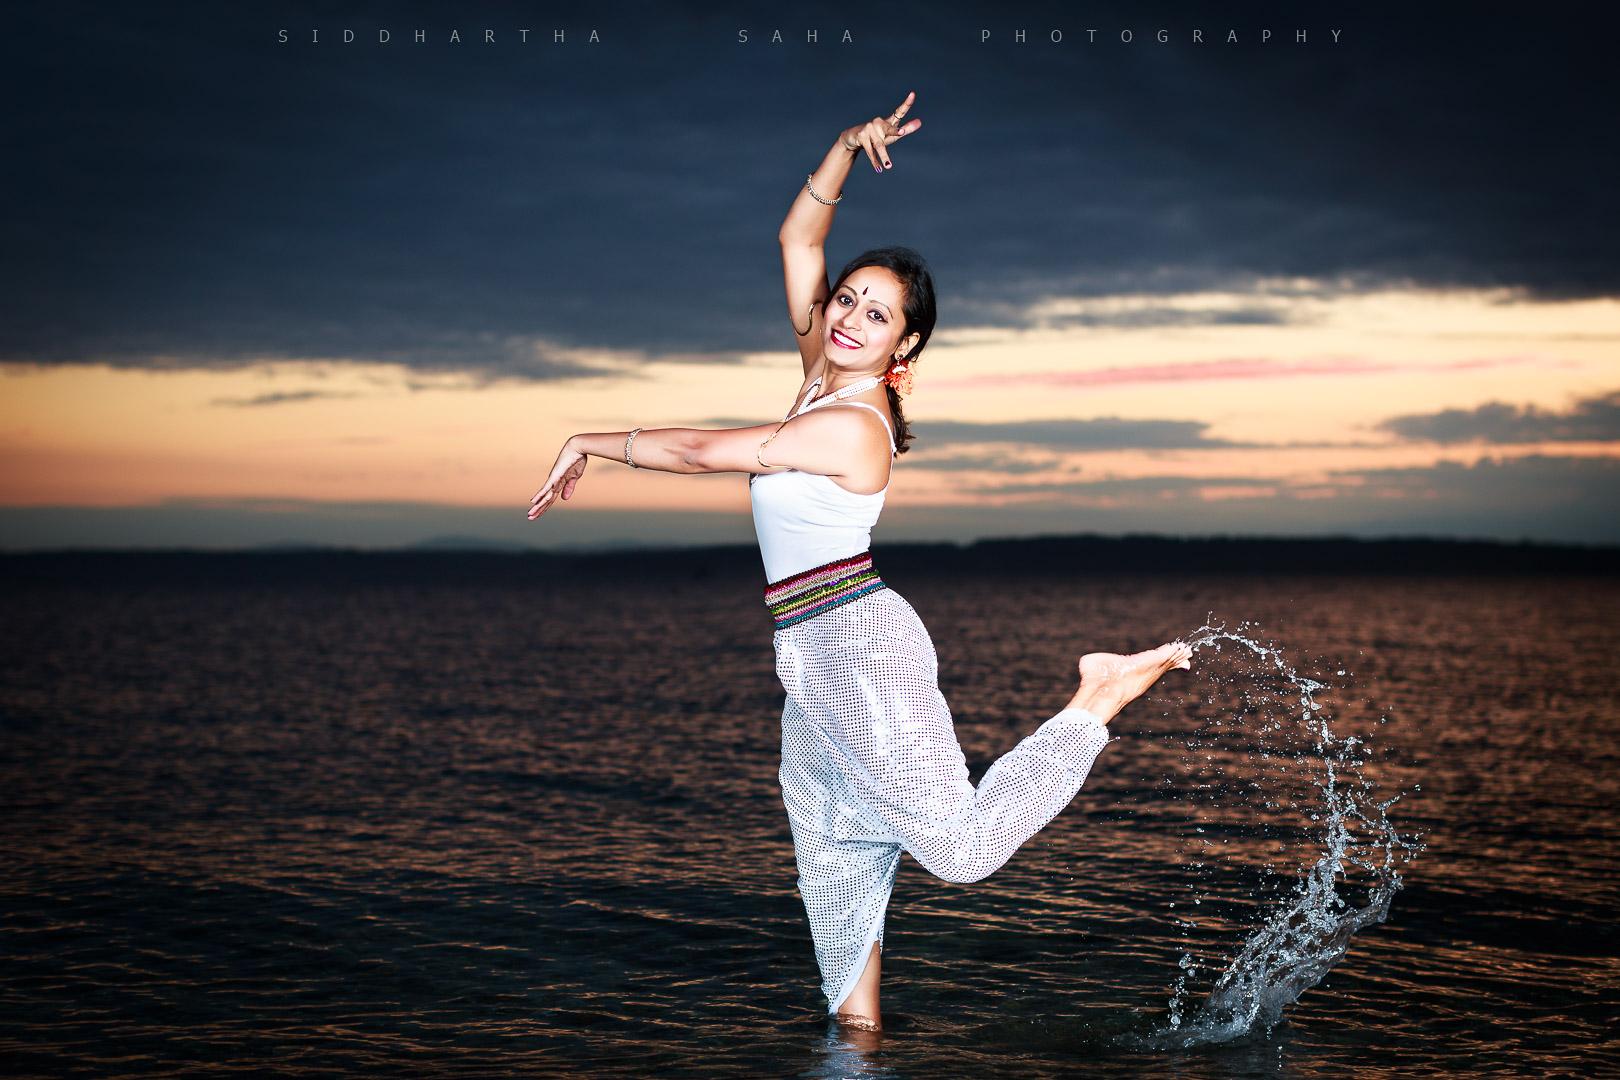 2012-09-24 - Shanthi_s Photoshoot-80